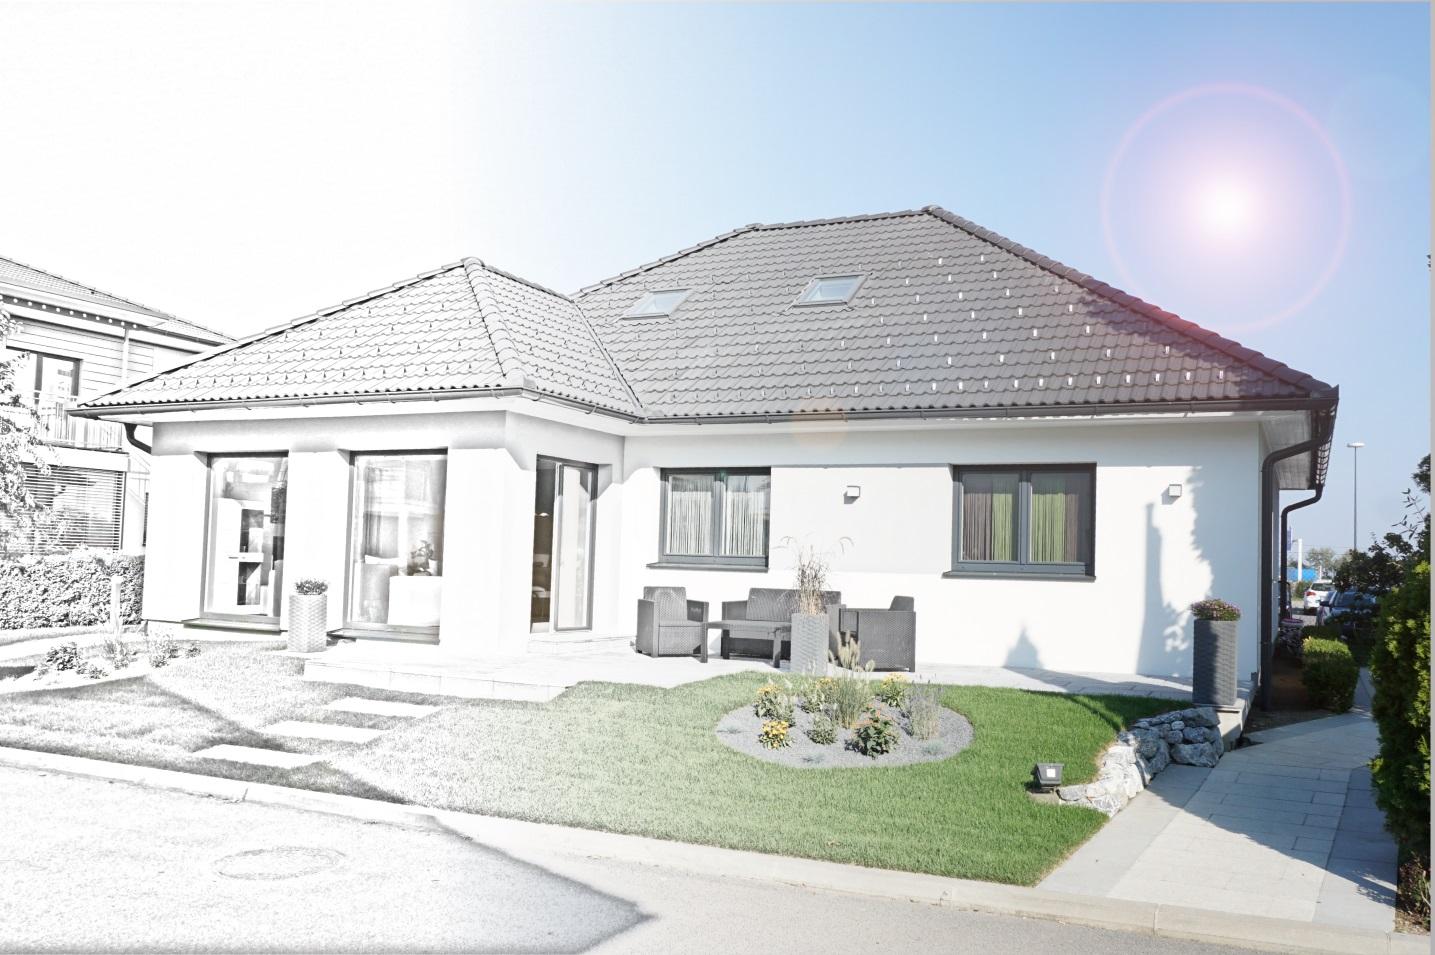 Von der Zeichnung zum fertigen Haus Architekt Baumeister ...